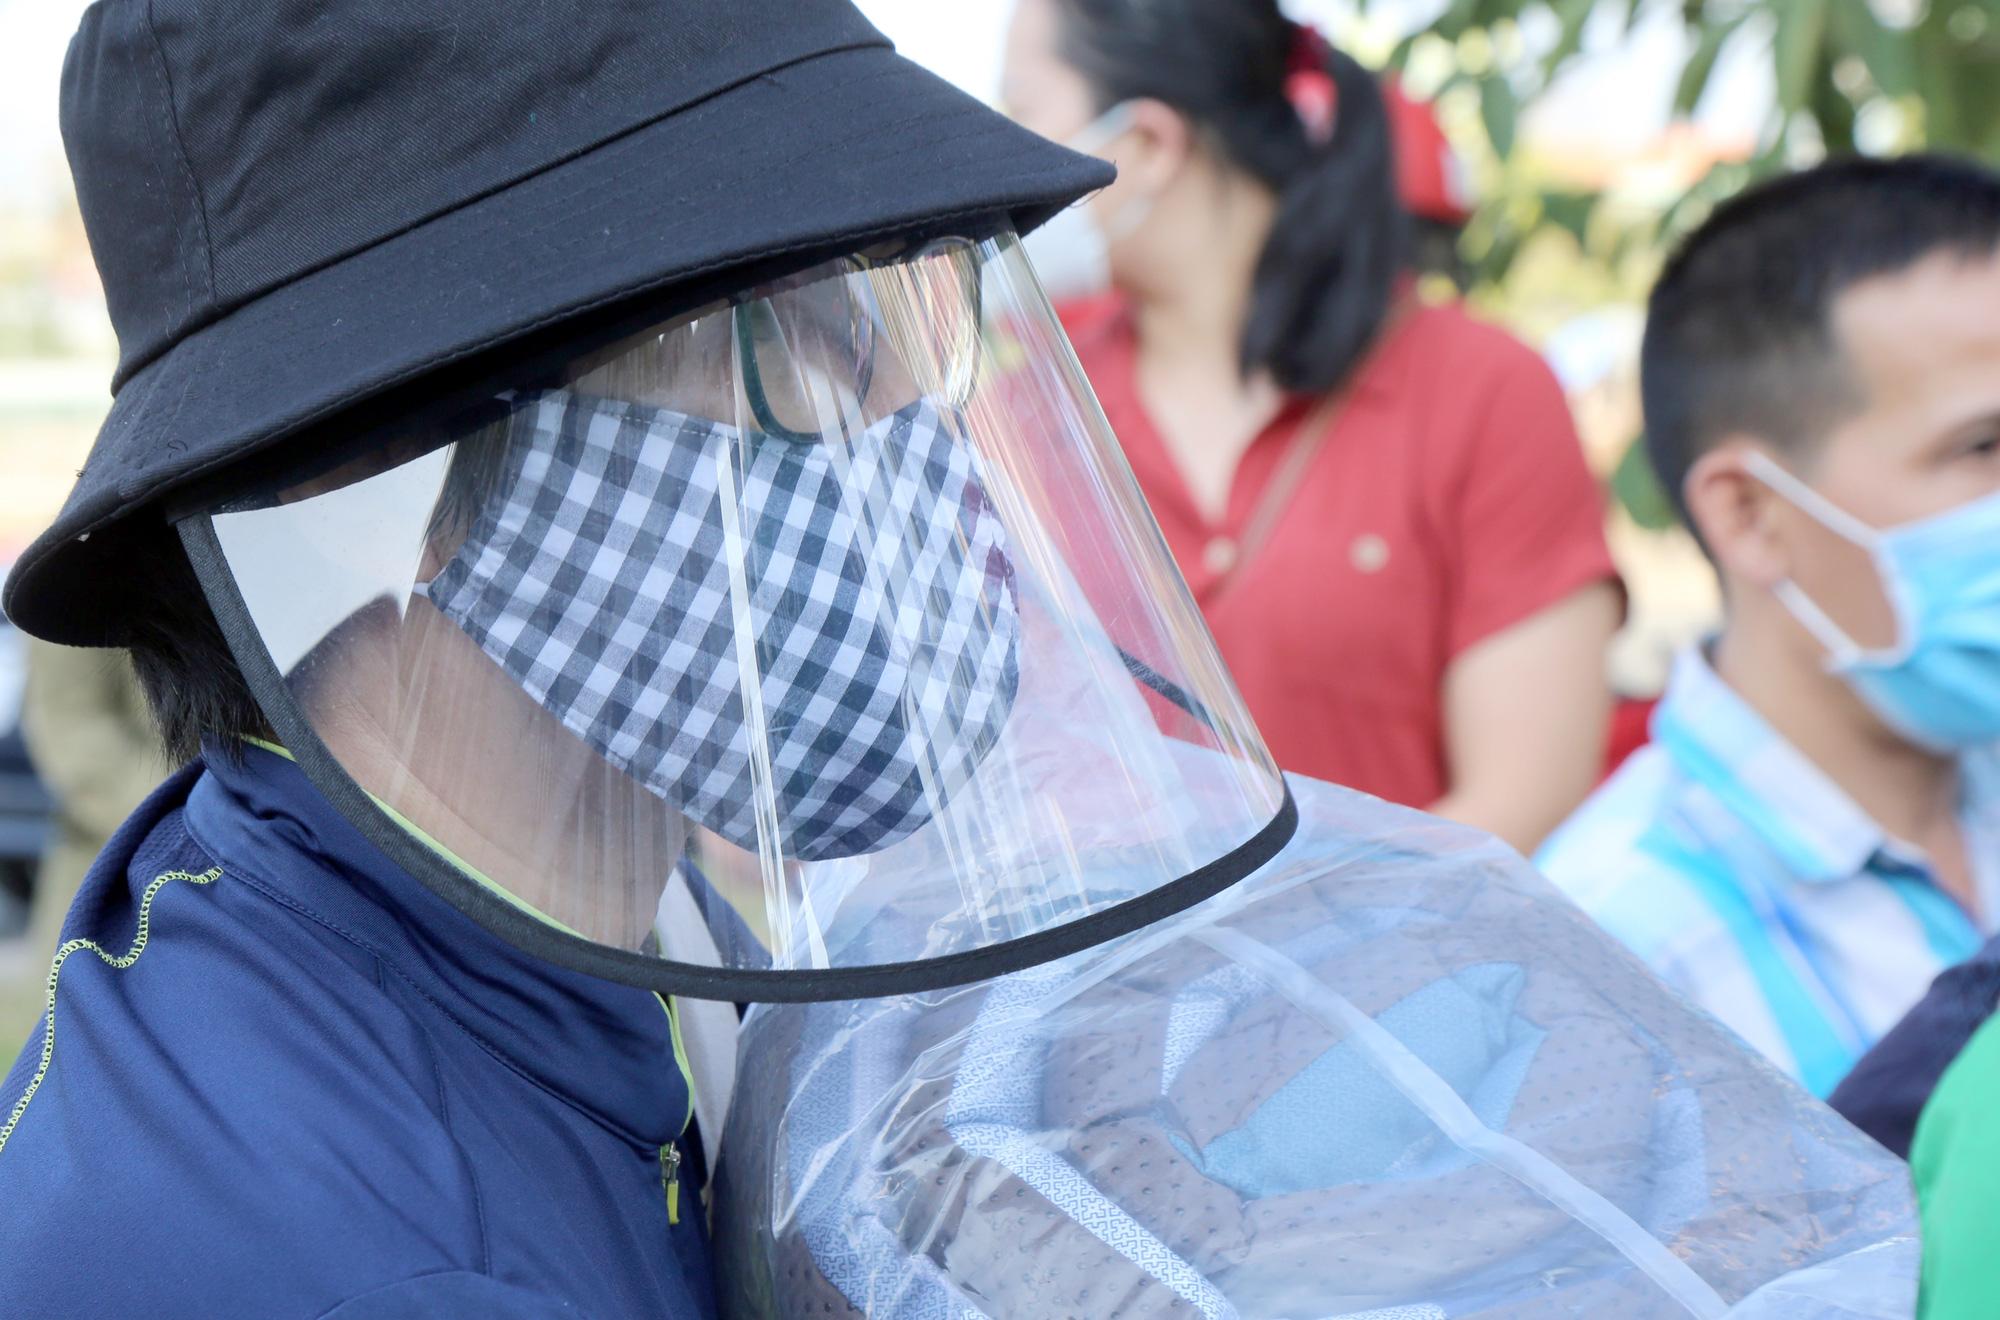 Hàng trăm người đội nắng để gửi đồ cho thân nhân trong khu cách li tại kí túc xá Đại học Quốc gia TP HCM - Ảnh 11.